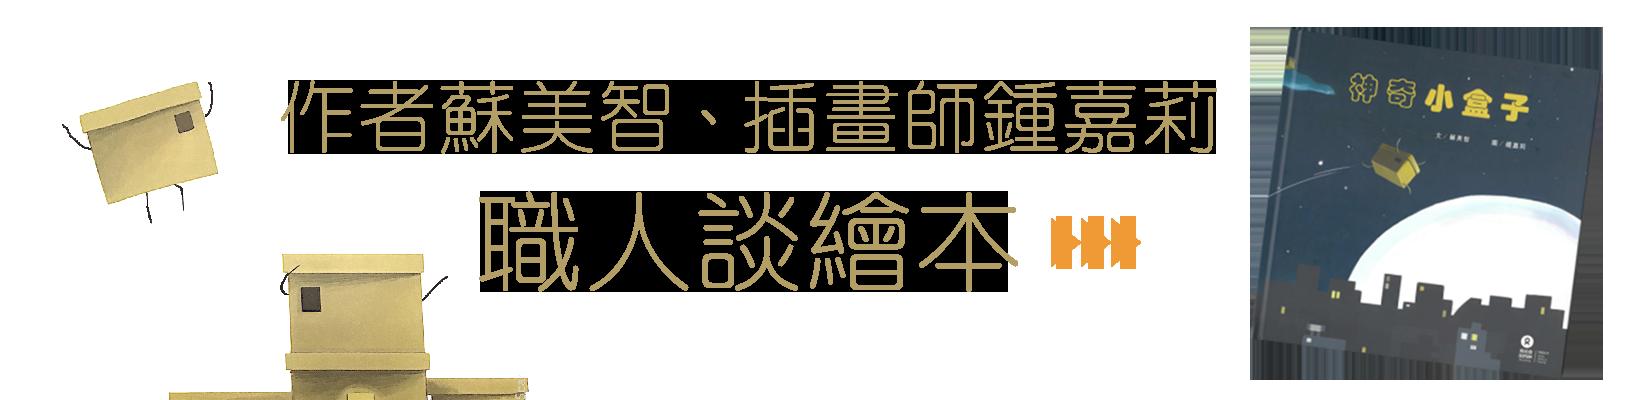 作者苏美智、插画师钟嘉莉 - 职人谈绘本